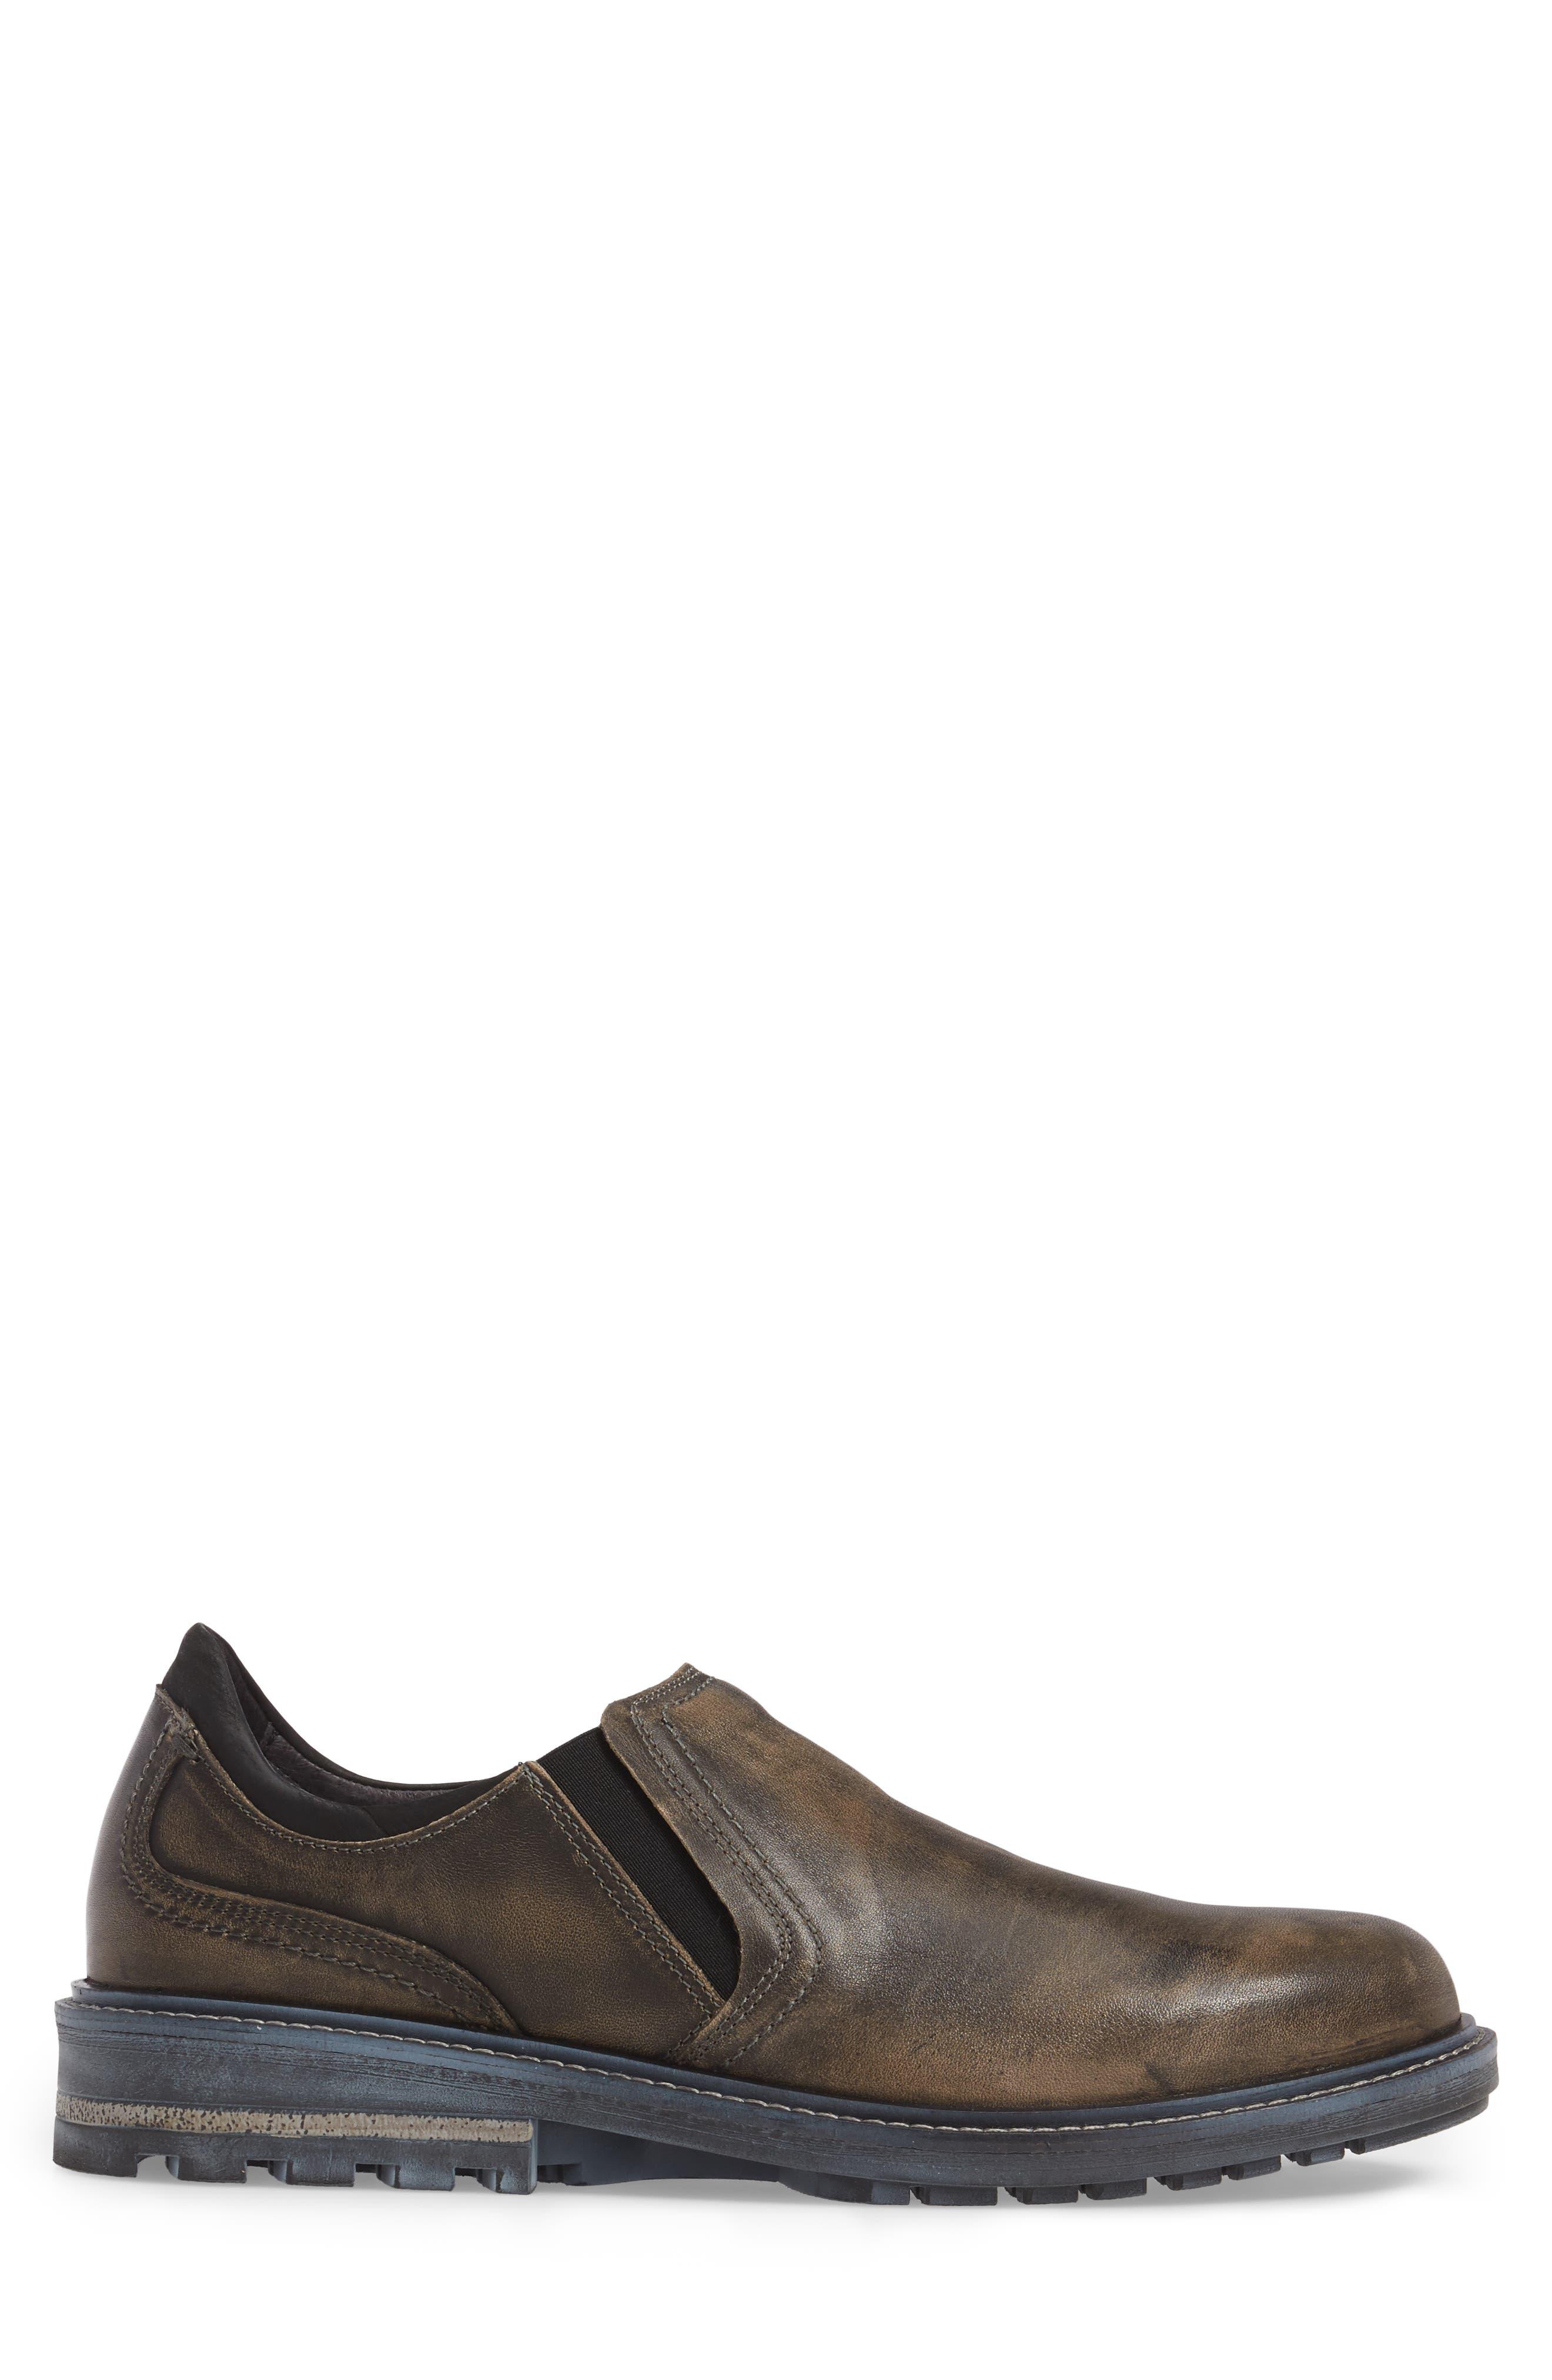 Manyara Slip-On Loafer,                             Alternate thumbnail 3, color,                             Vintage Grey Leather